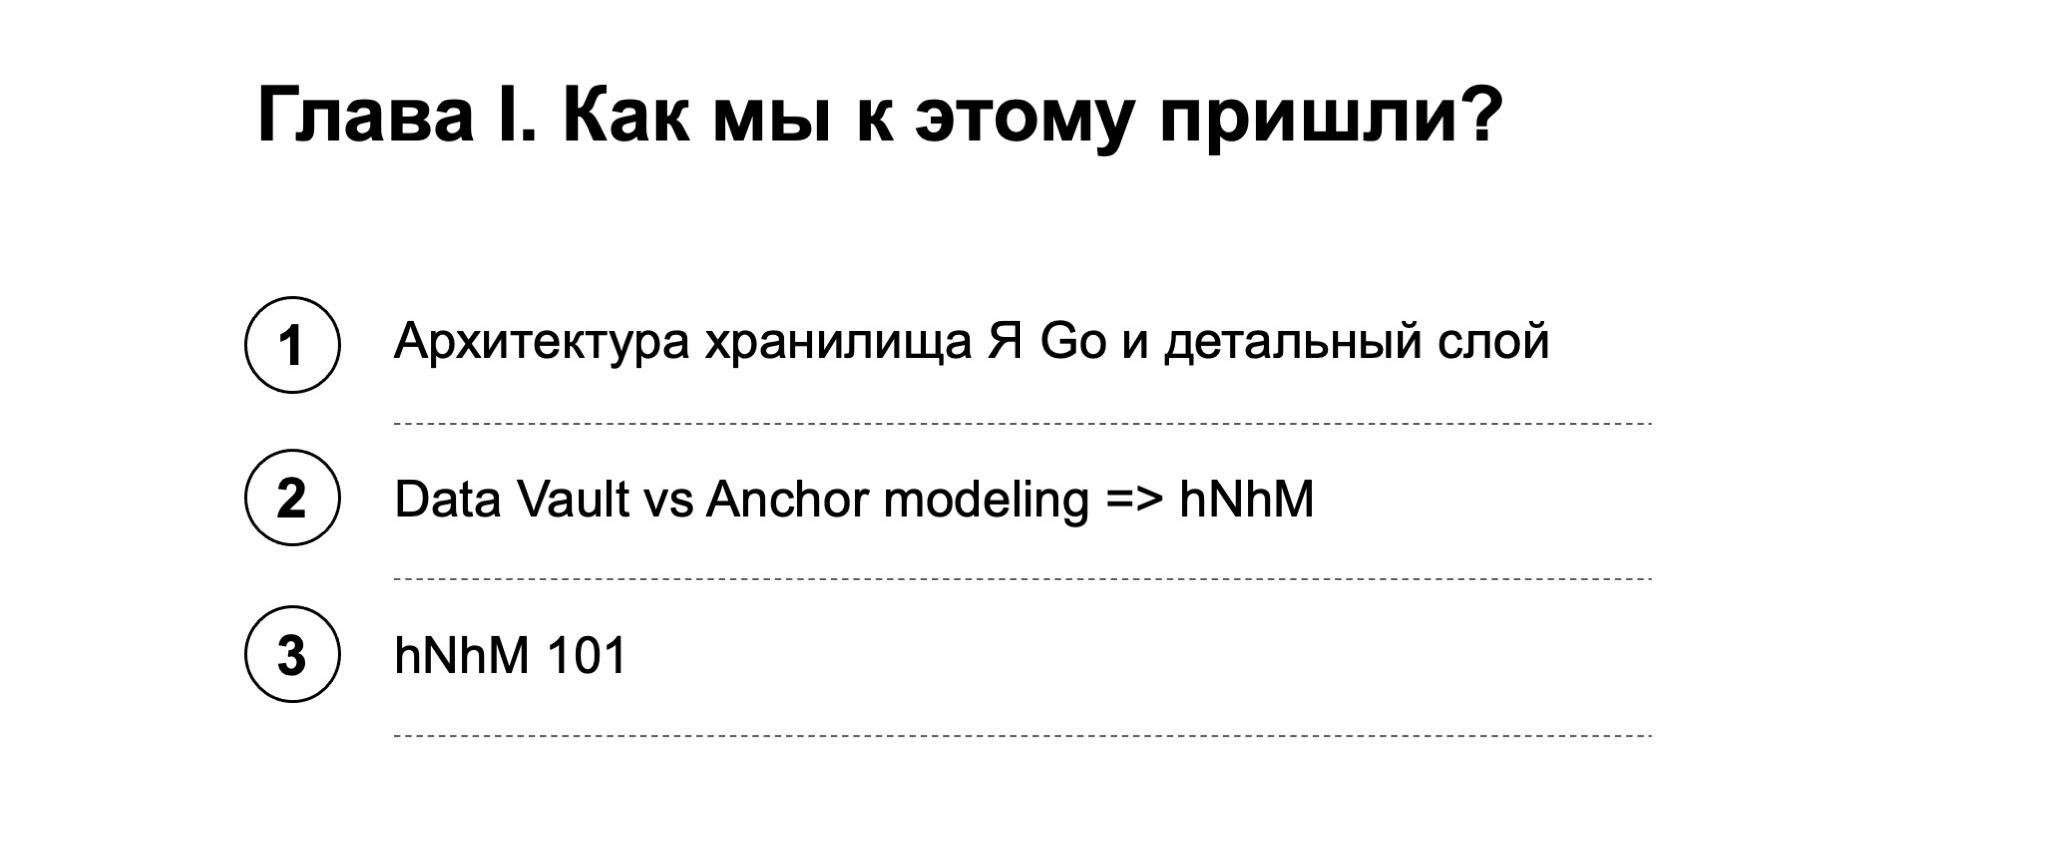 Как мы внедрили свою модель хранения данных  highly Normalized hybrid Model. Доклад Яндекса